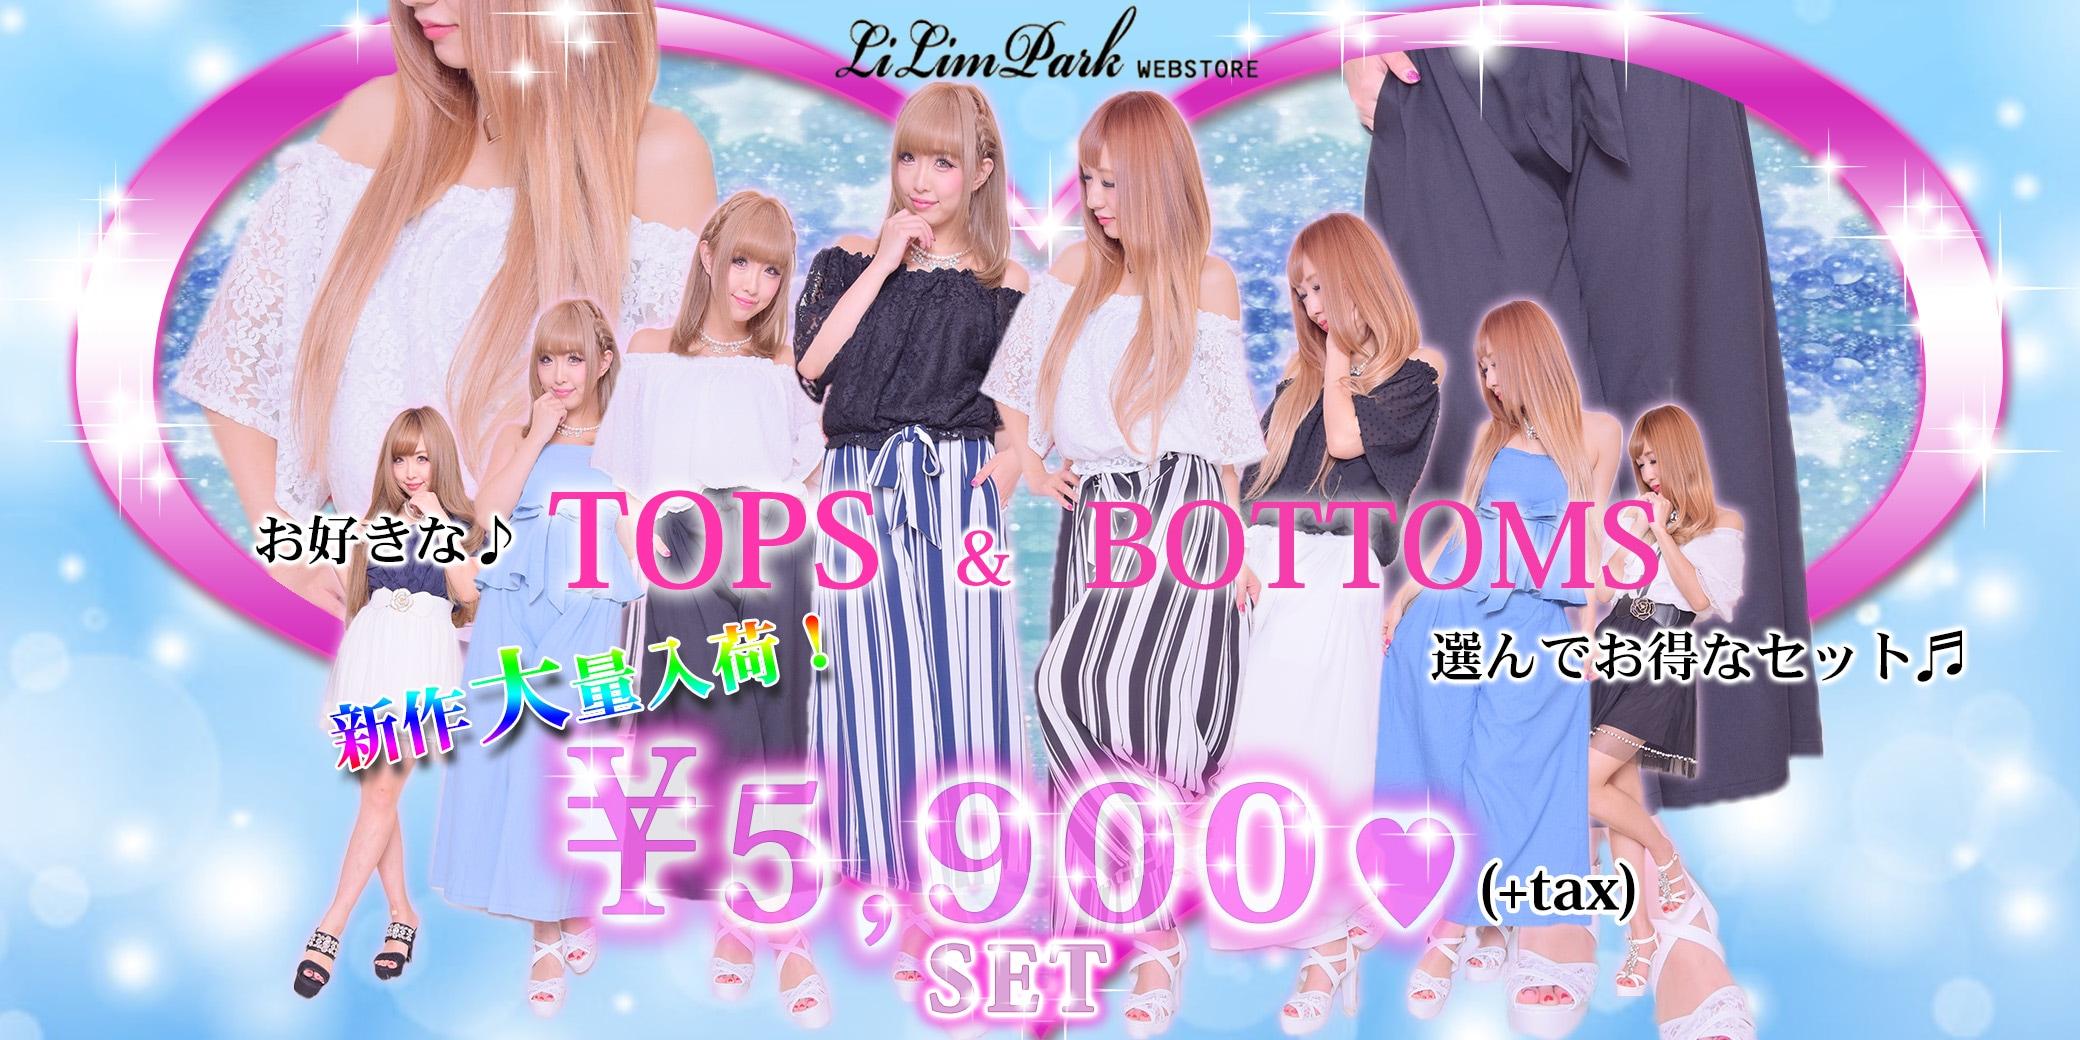 5900円SET